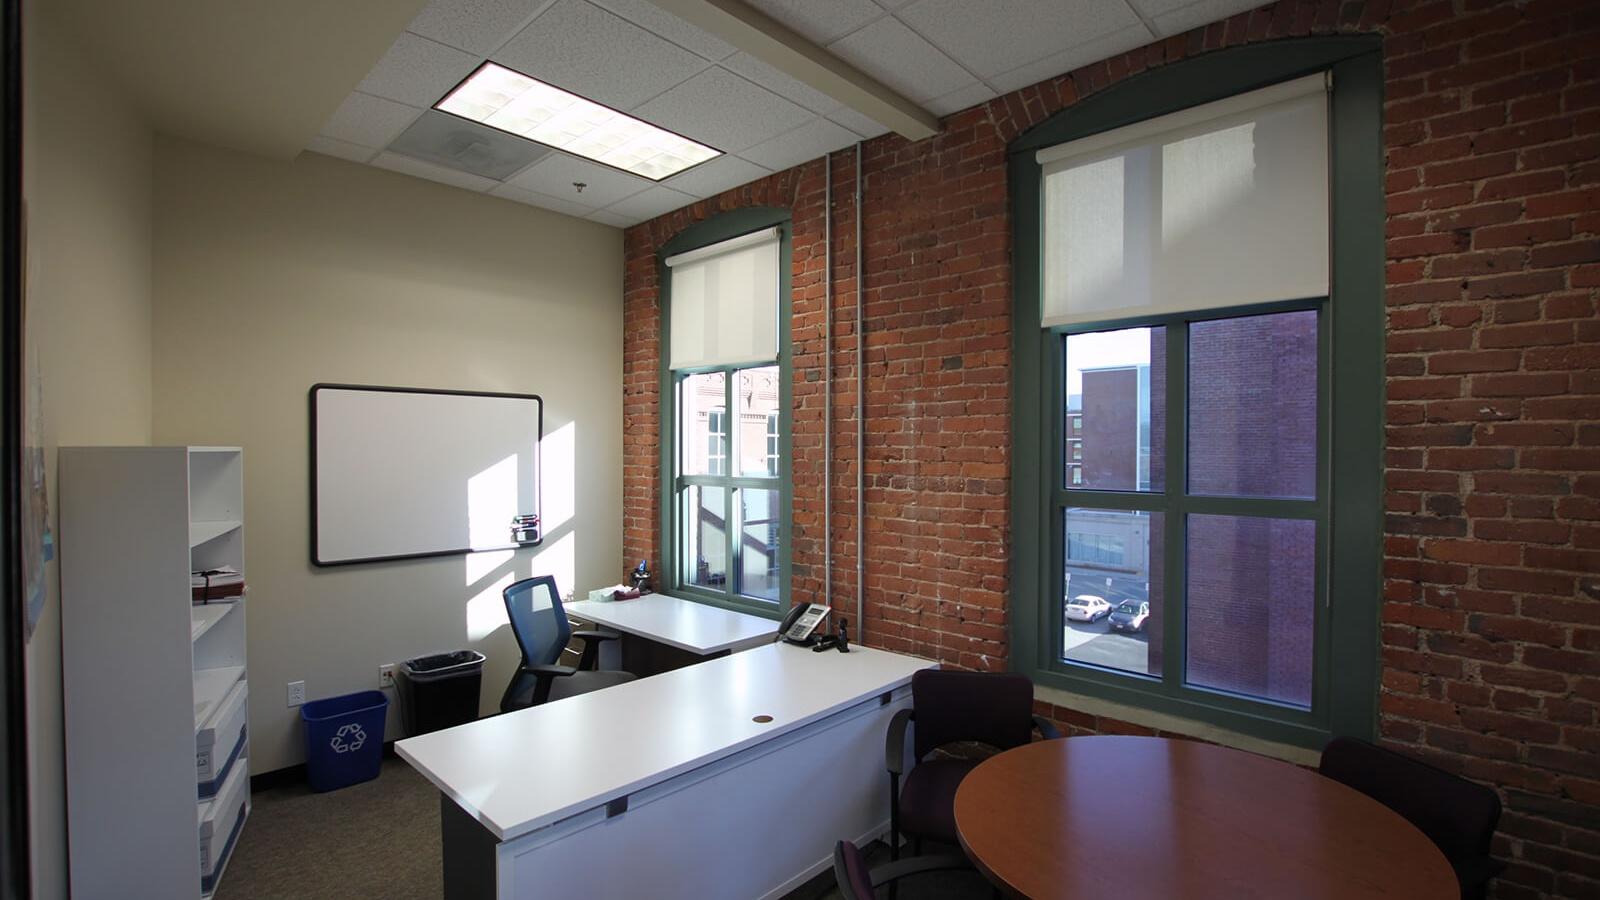 85 Prescott Street Unit 404, Worcester, Massachusetts 01605, Office,For Lease,Prescott Street,4,1243